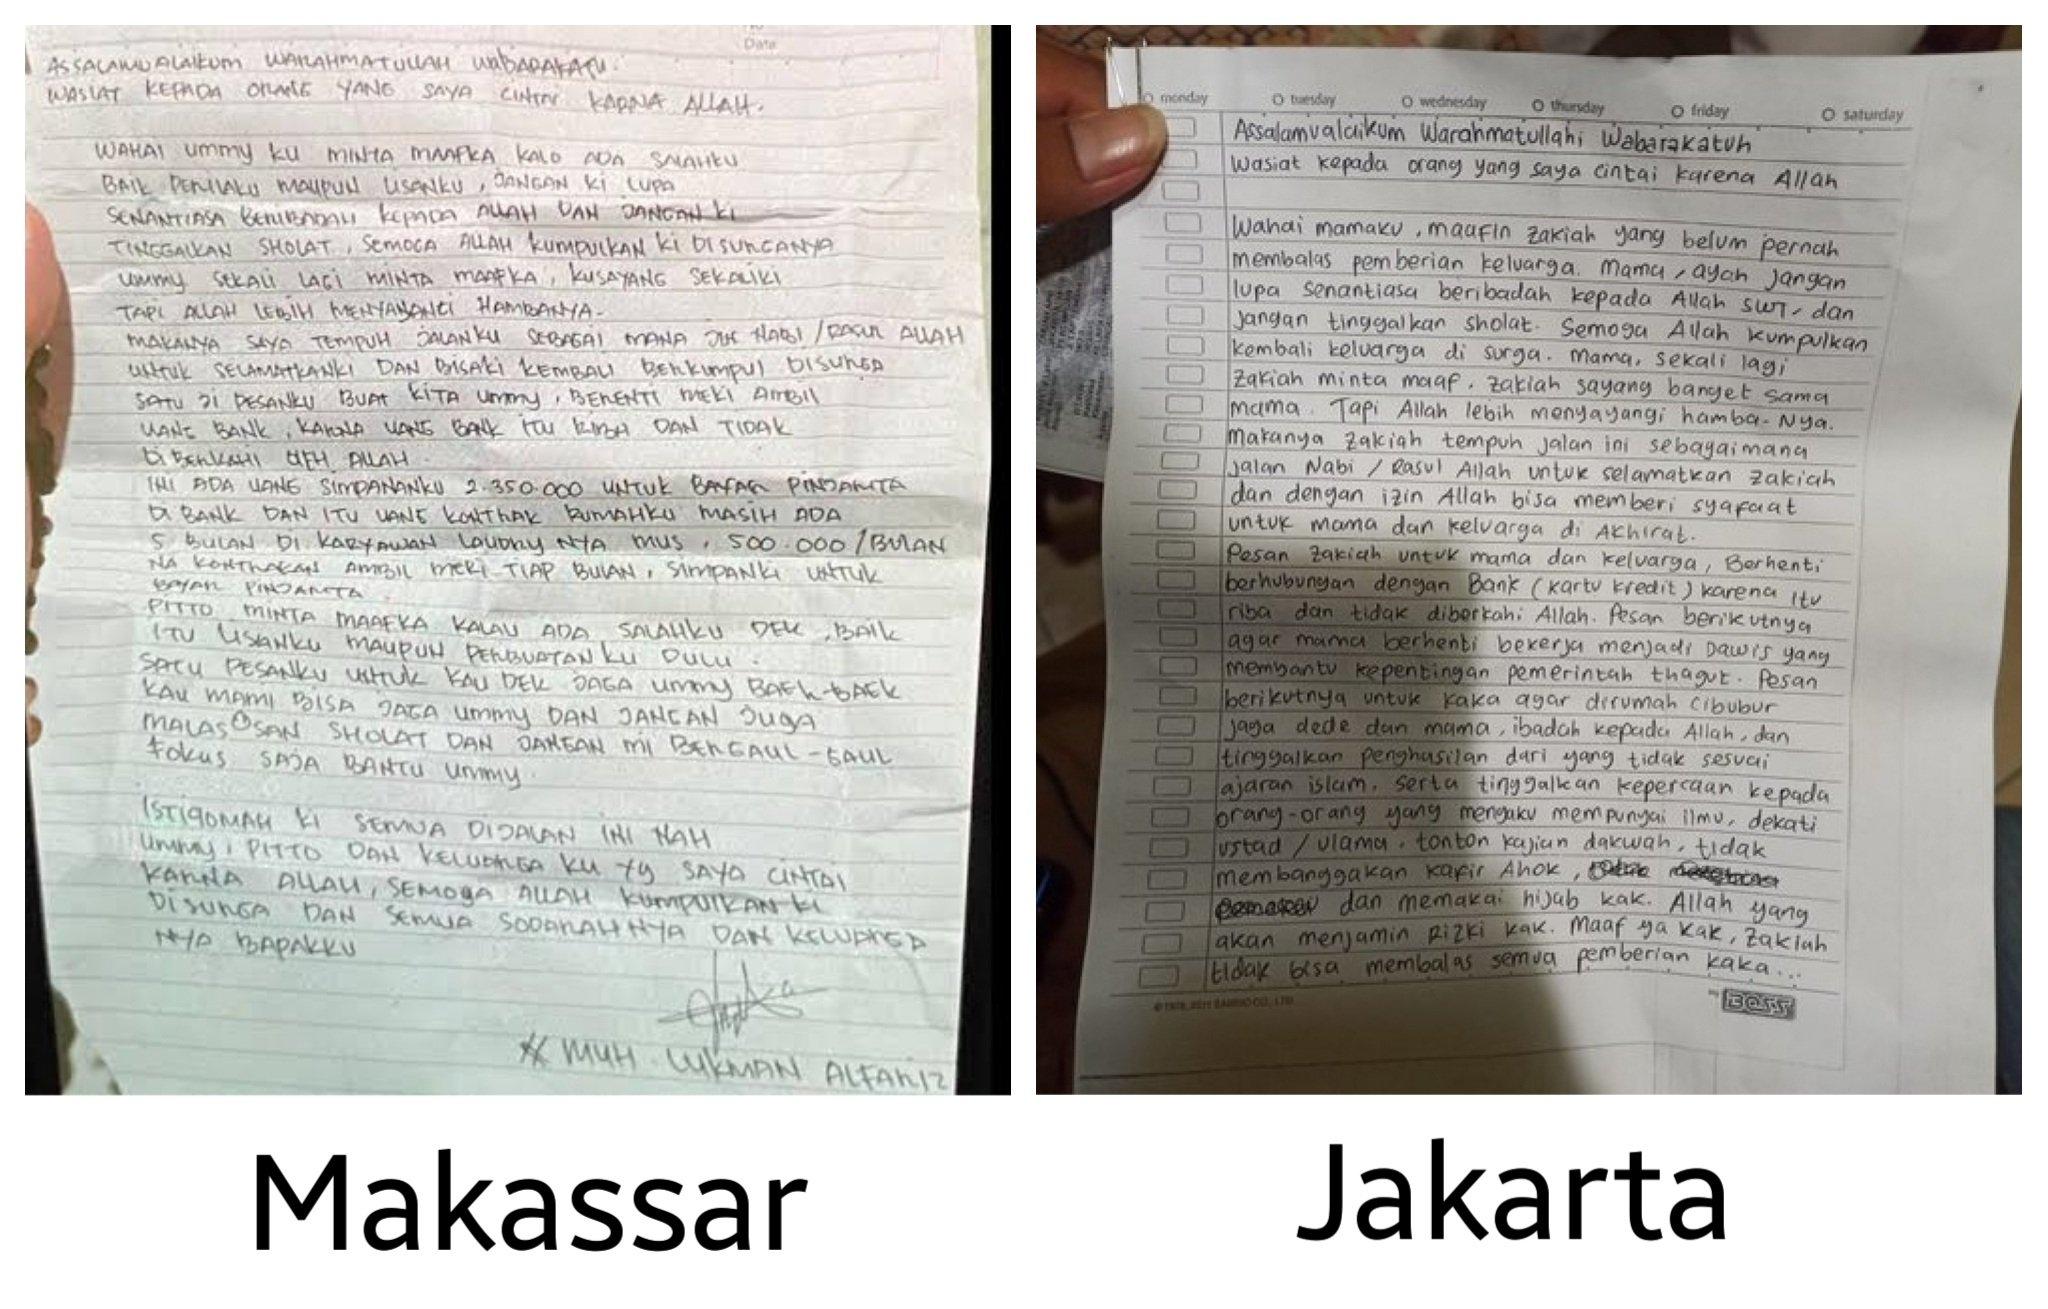 Surat wasiat mirip